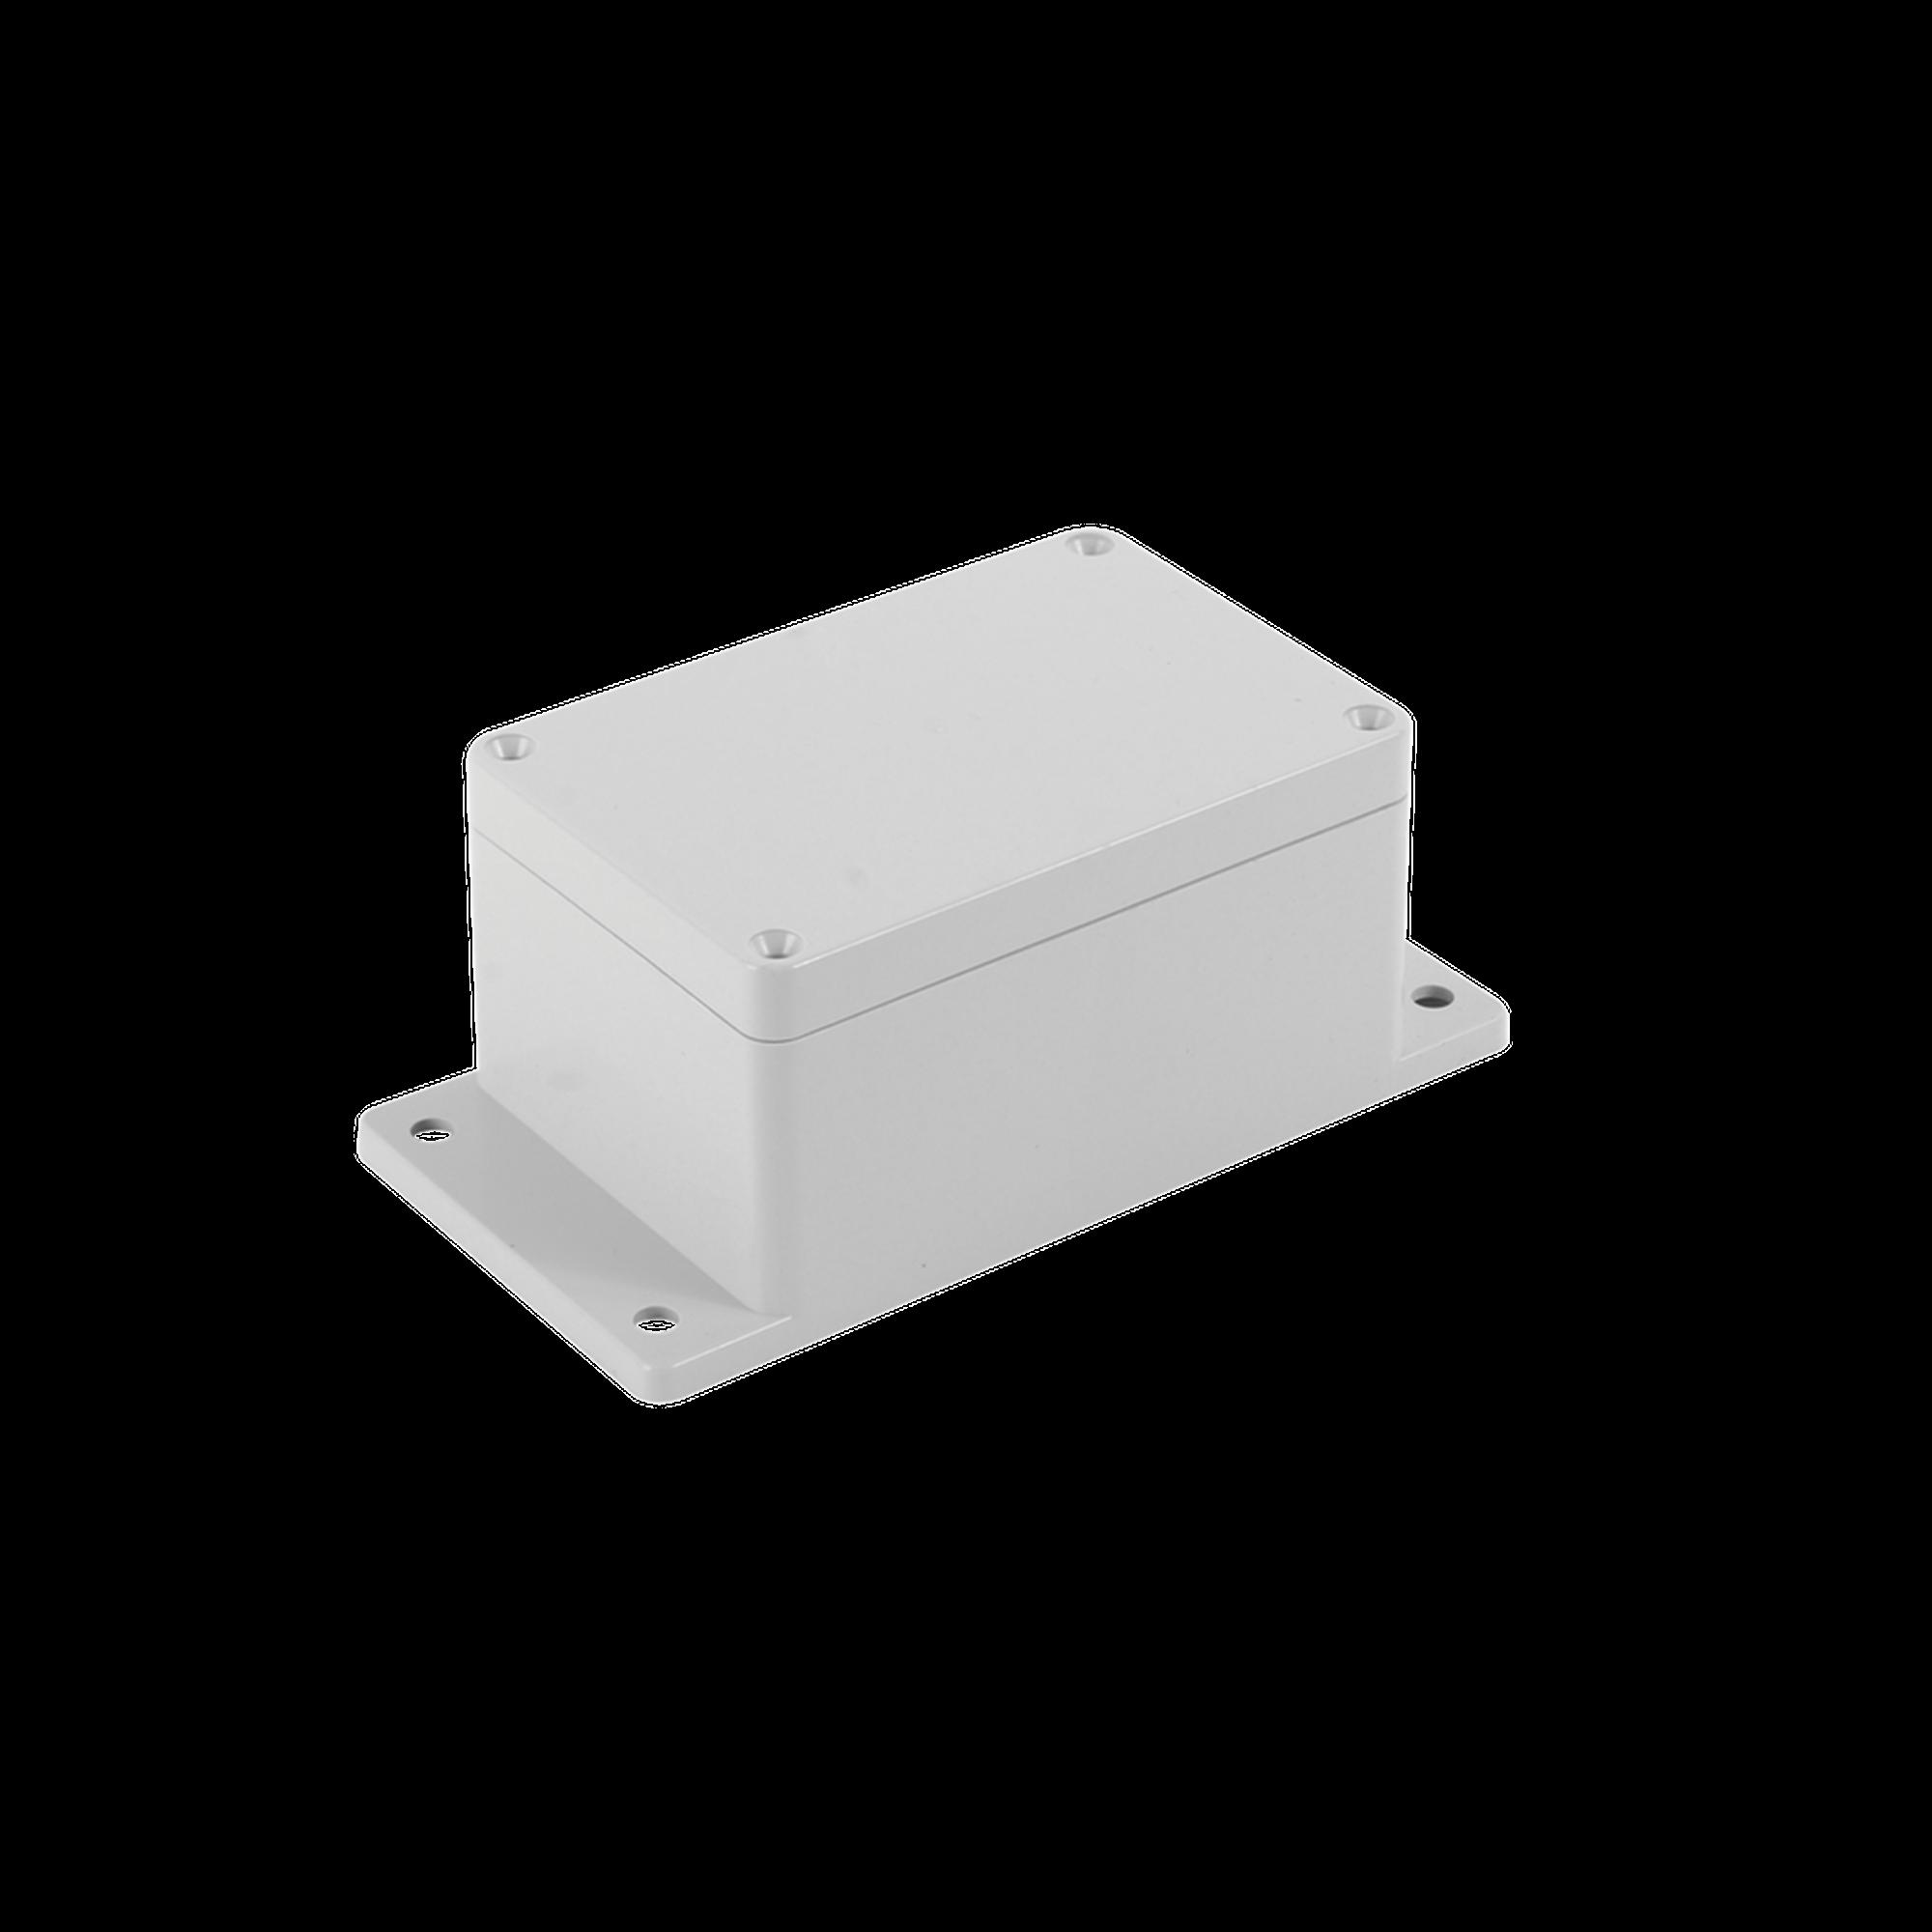 Gabinete Plástico para Exterior (IP65) de 115 x 88 x 55 mm Cierre por Tornillos.